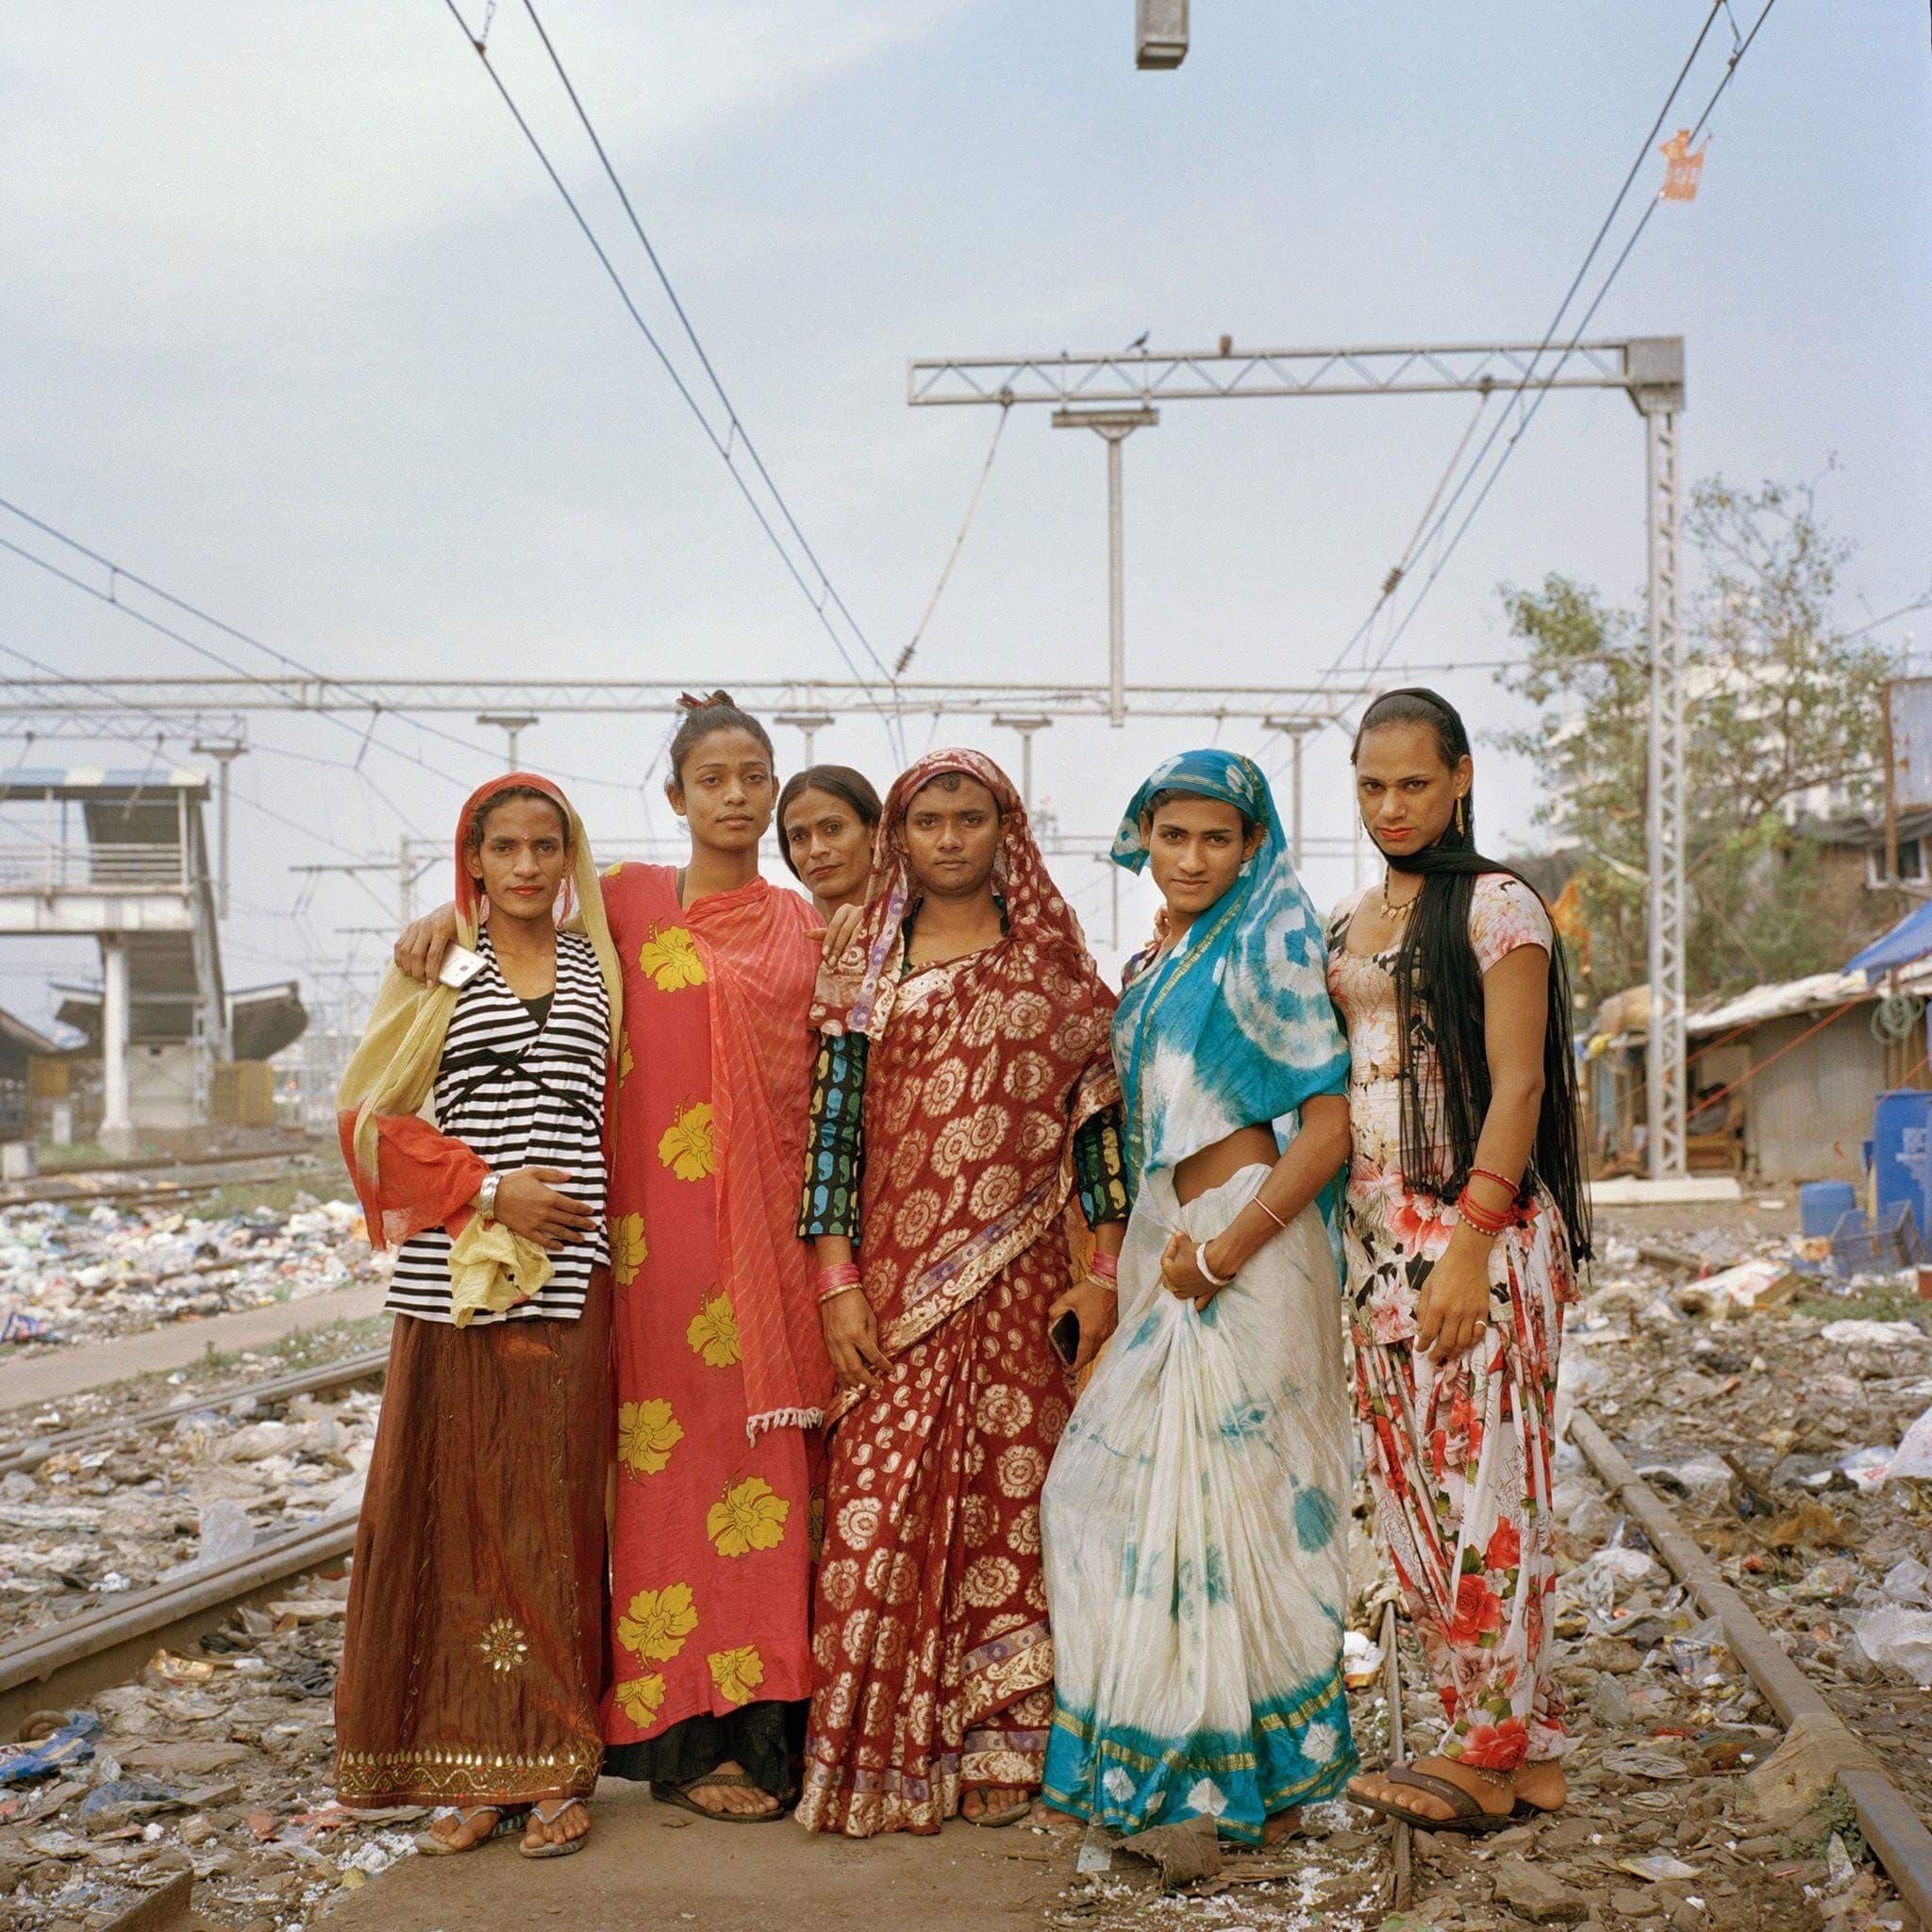 Транс*спільнота Індії отримає більше виборчих прав